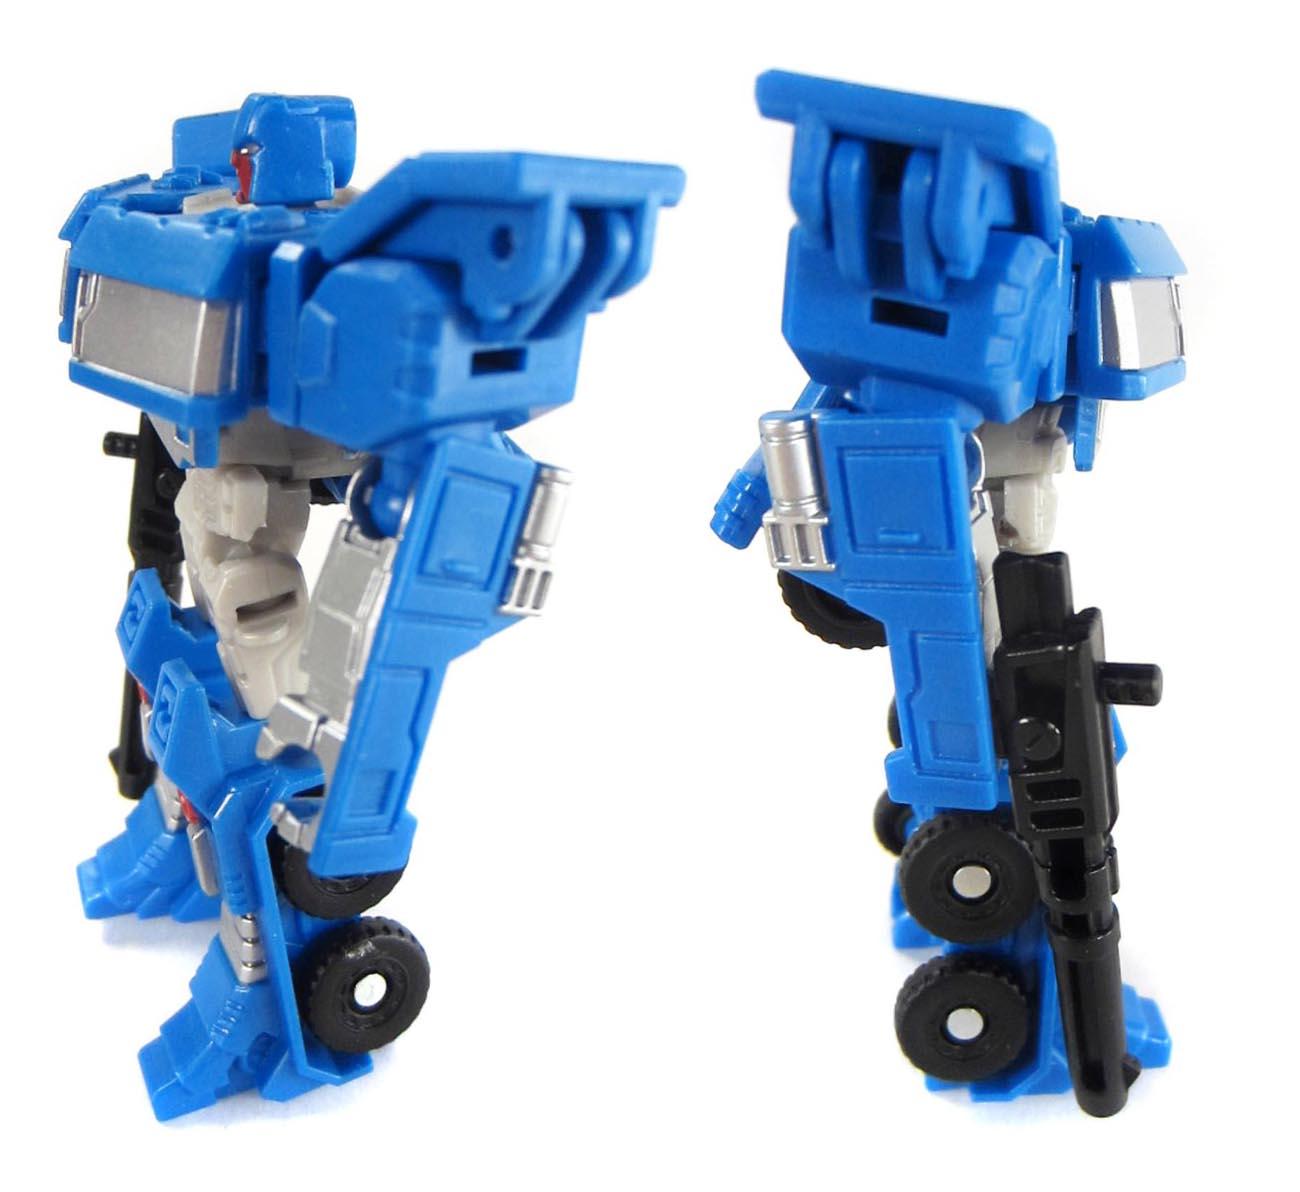 Đồ chơi Robot Transformers biến hình ô tô Autobot Pipes - Combiner Wars